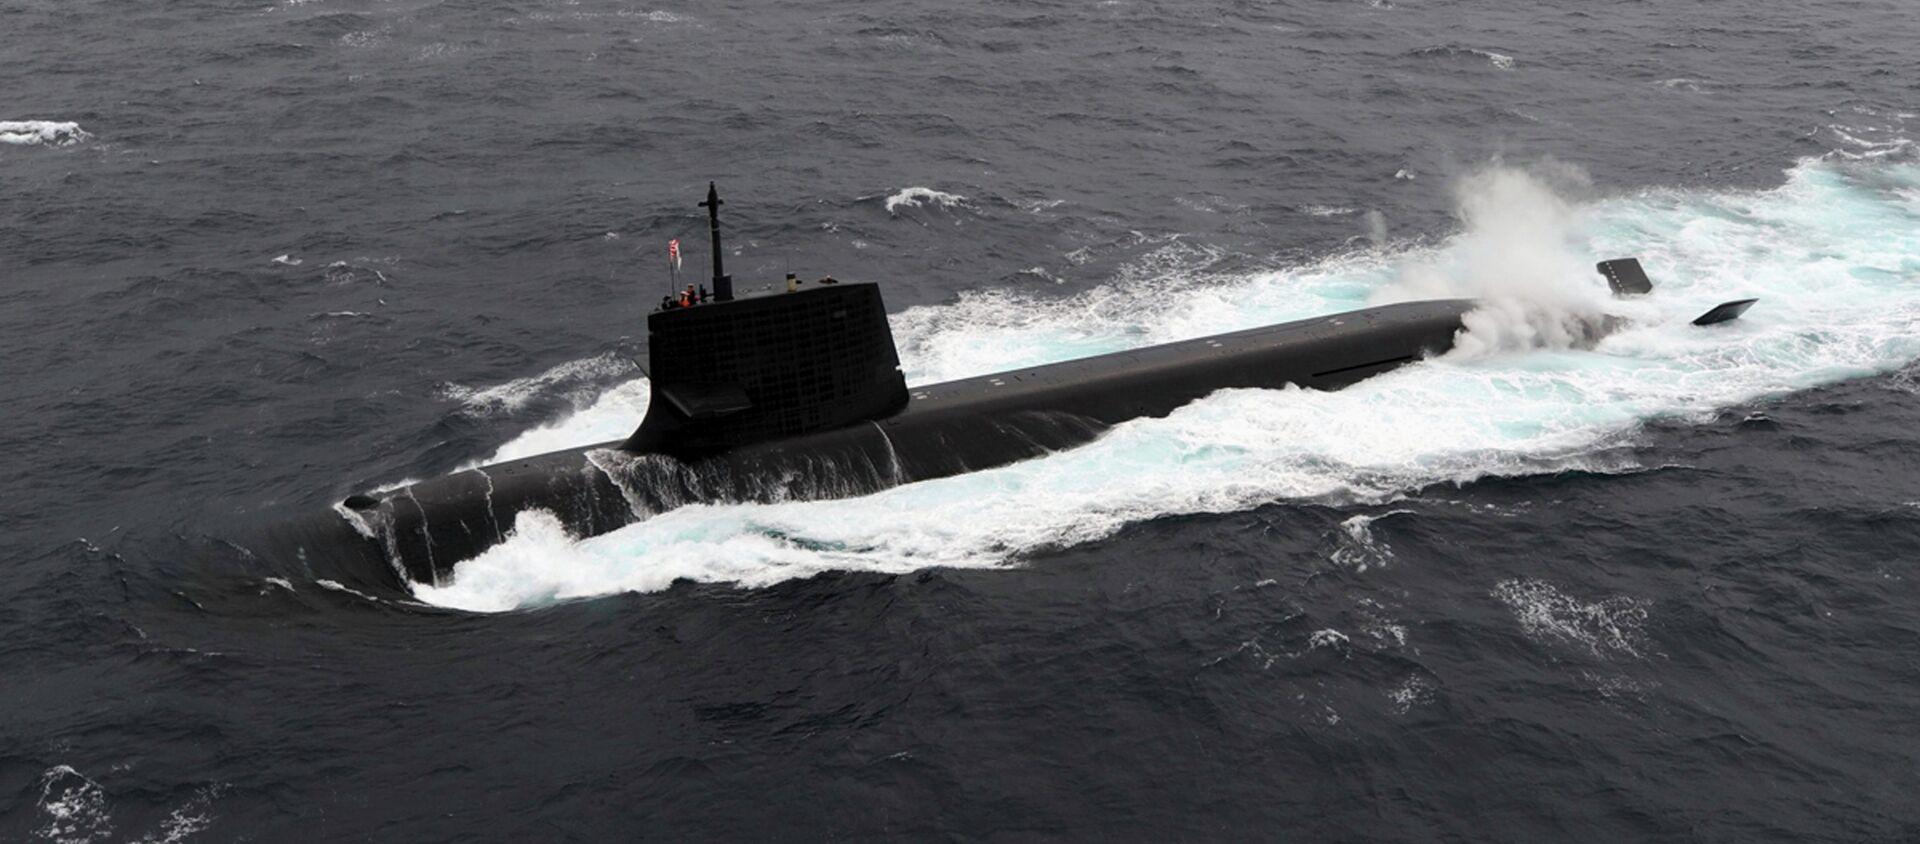 そうりゅう型潜水艦 - Sputnik 日本, 1920, 10.02.2021